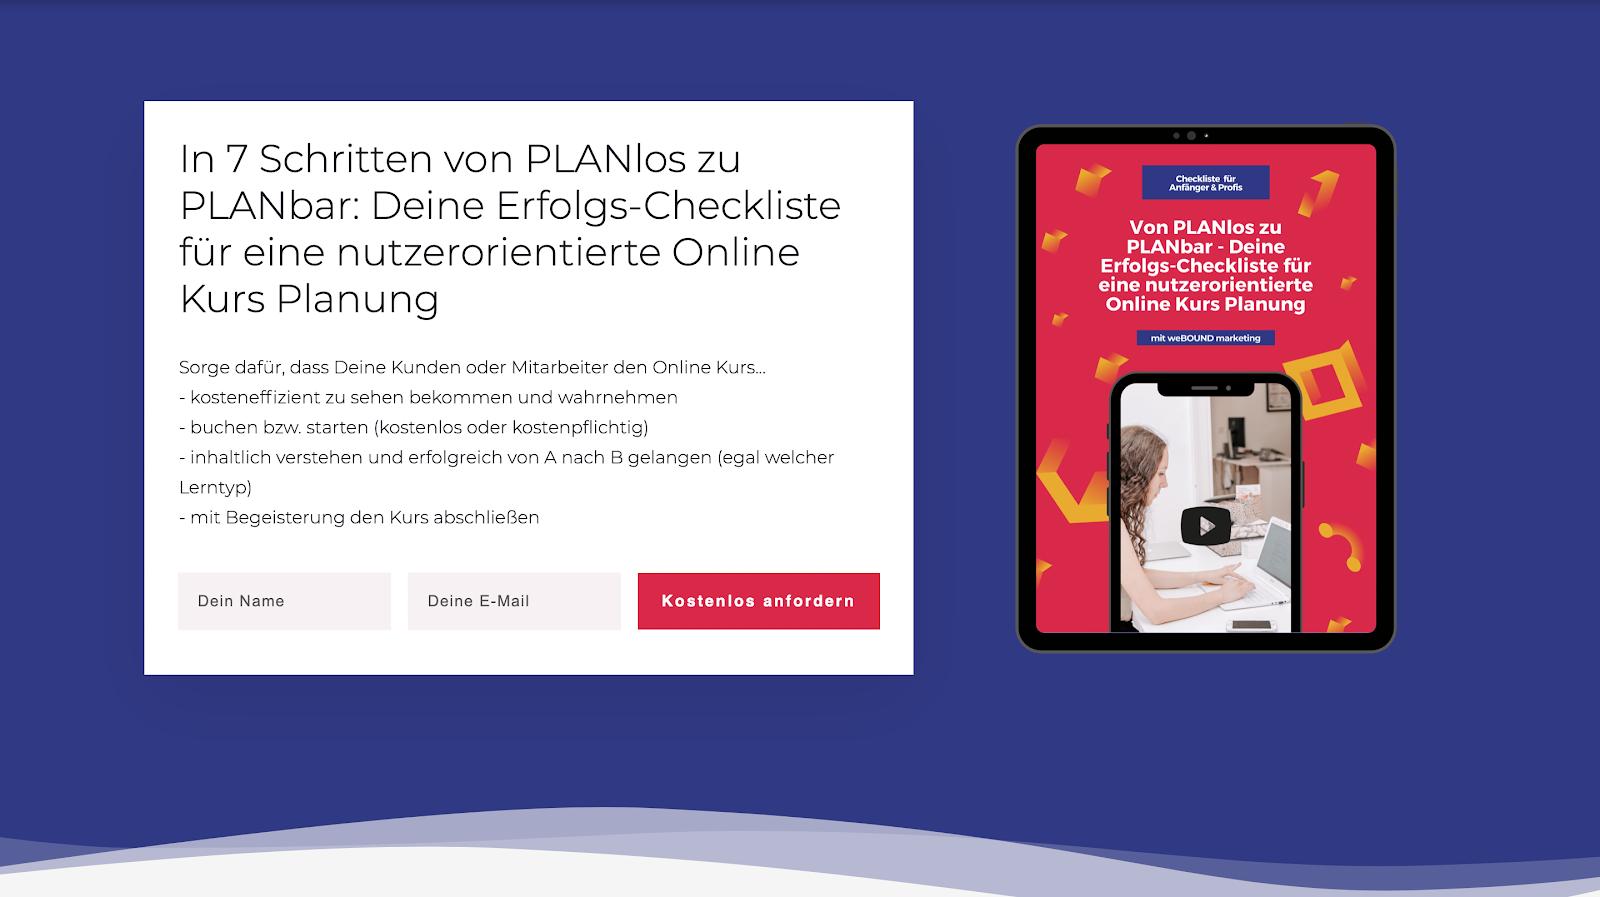 Von PLANlos zu PLANbar: Deine Erfolgs-Checkliste für eine nutzerorientierte Online Kurs Planung